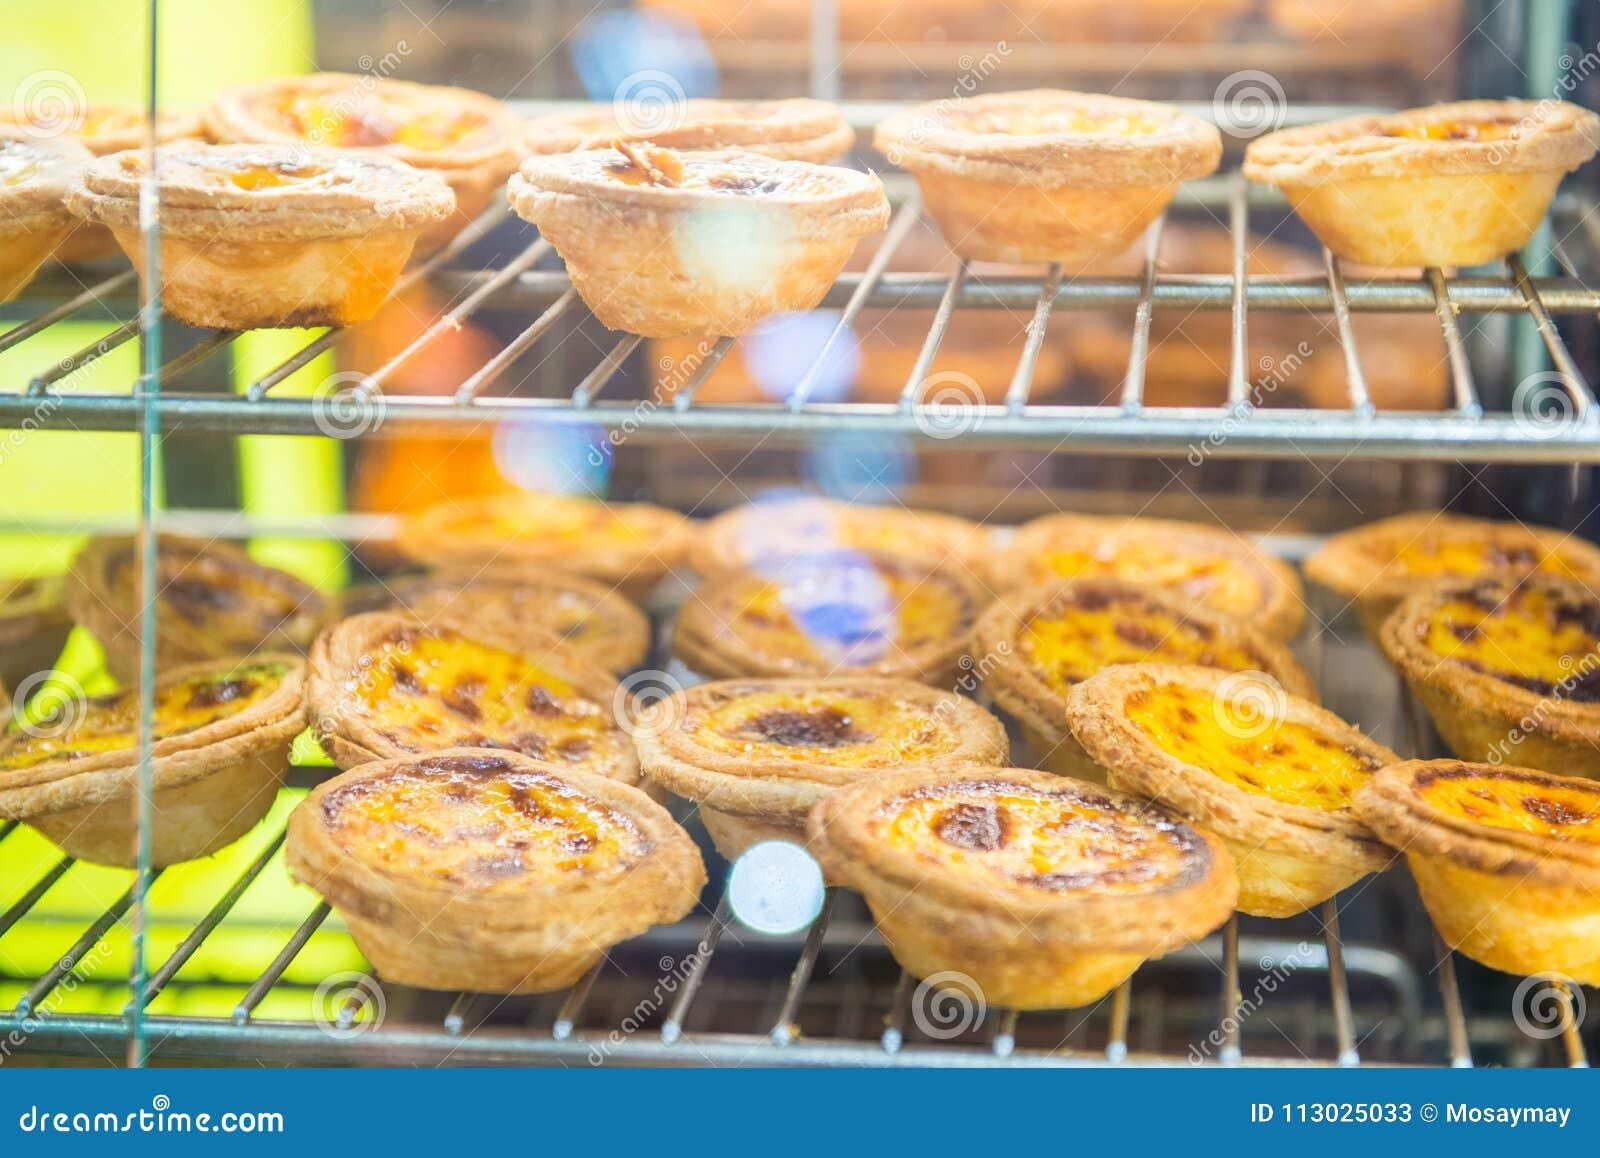 Empanada agria de las natillas del huevo dulce en los estantes para la venta